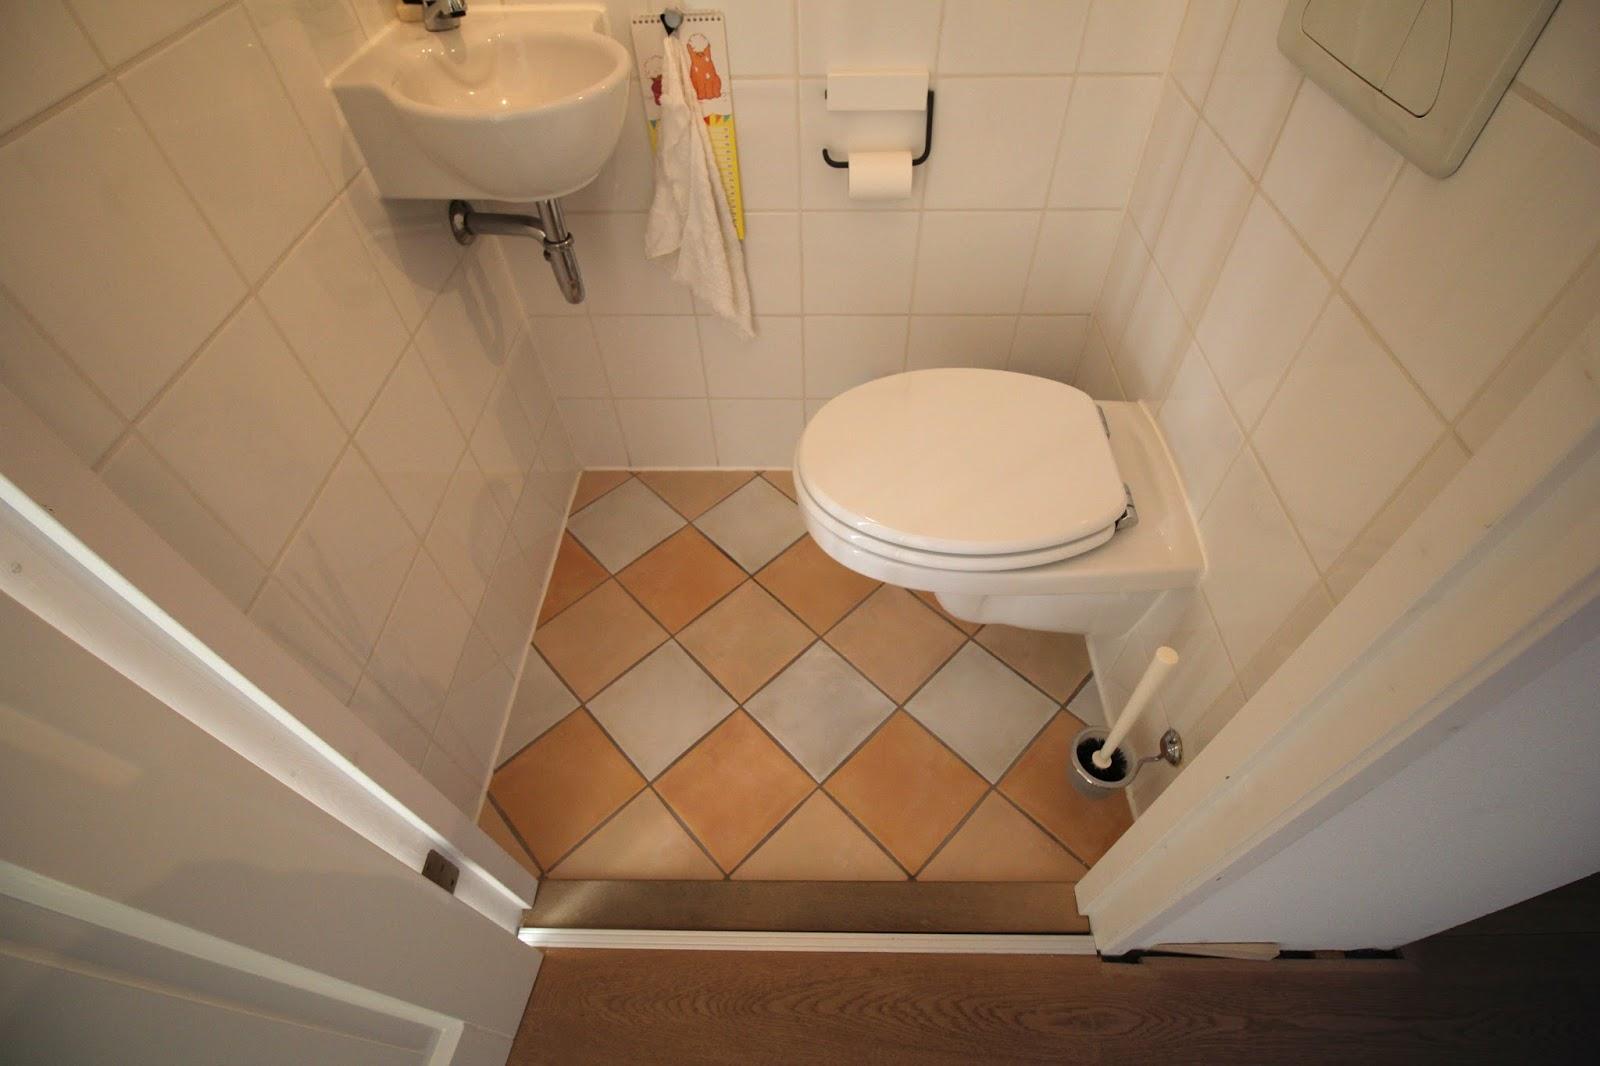 Kleine mand doos met klep cm badkamer toilet mand